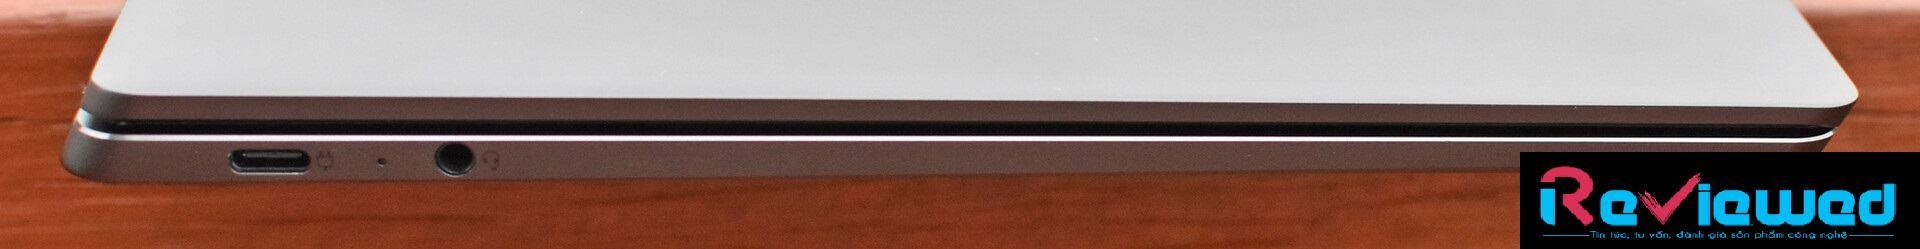 đánh giá Lenovo IdeaPad S940